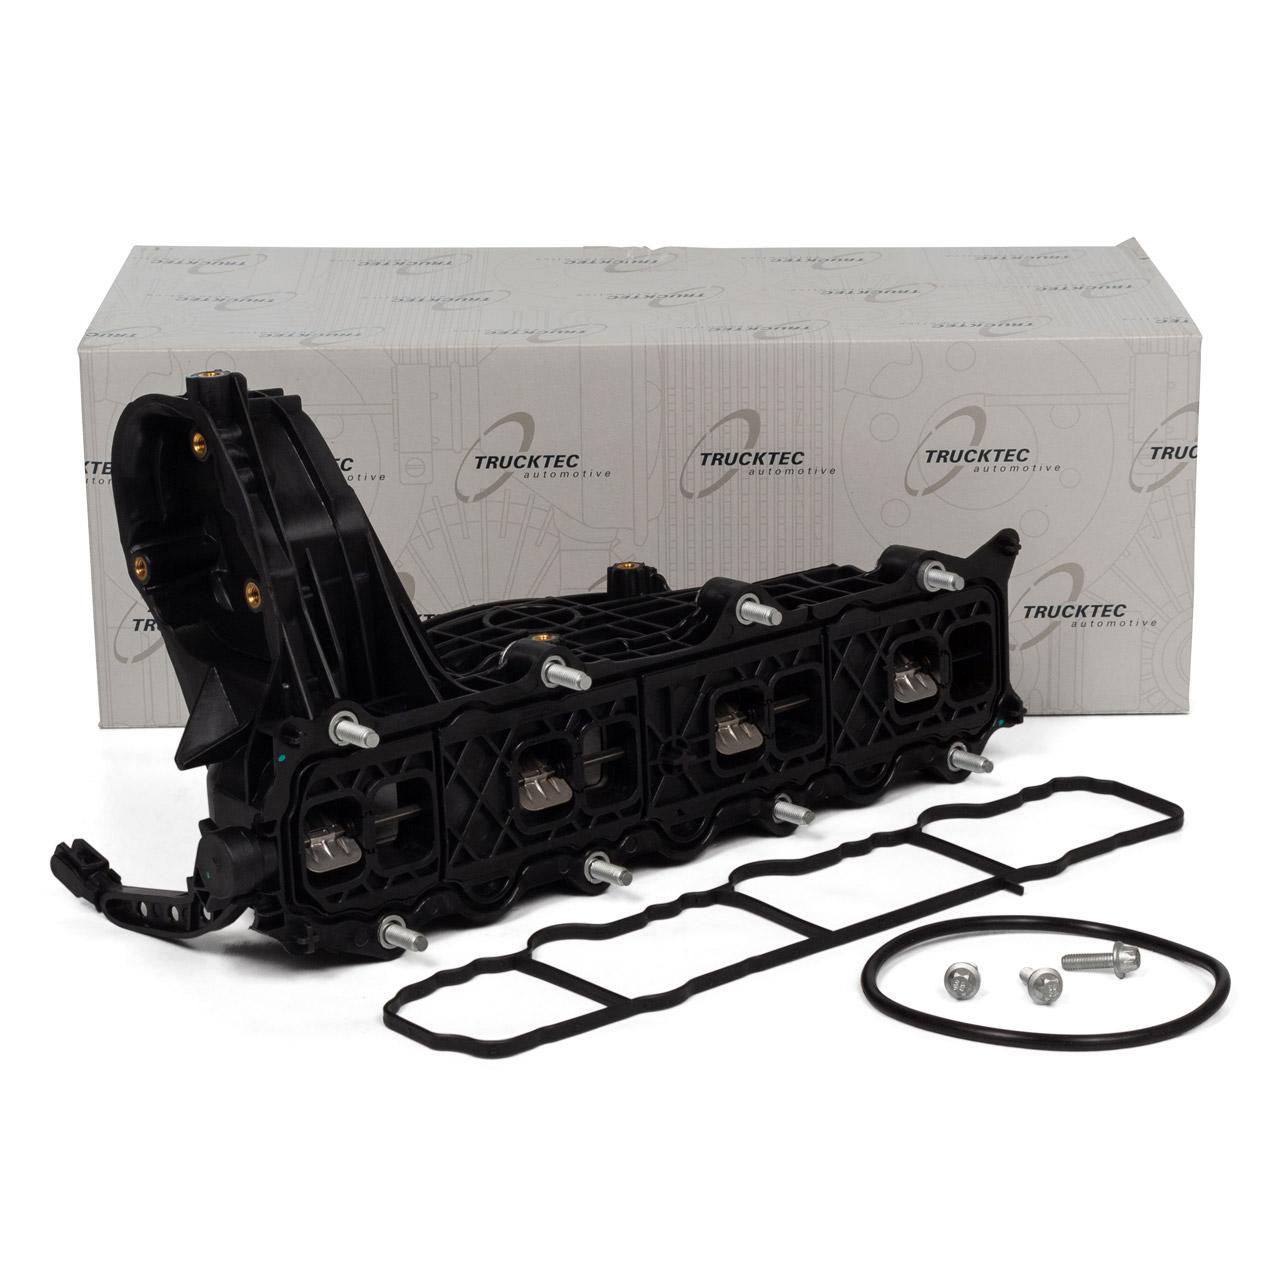 TRUCKTEC Ansaugkrümmer Saugrohrmodul MERCEDES-BENZ W204 W205 1.8/2.2 Diesel 6510900037